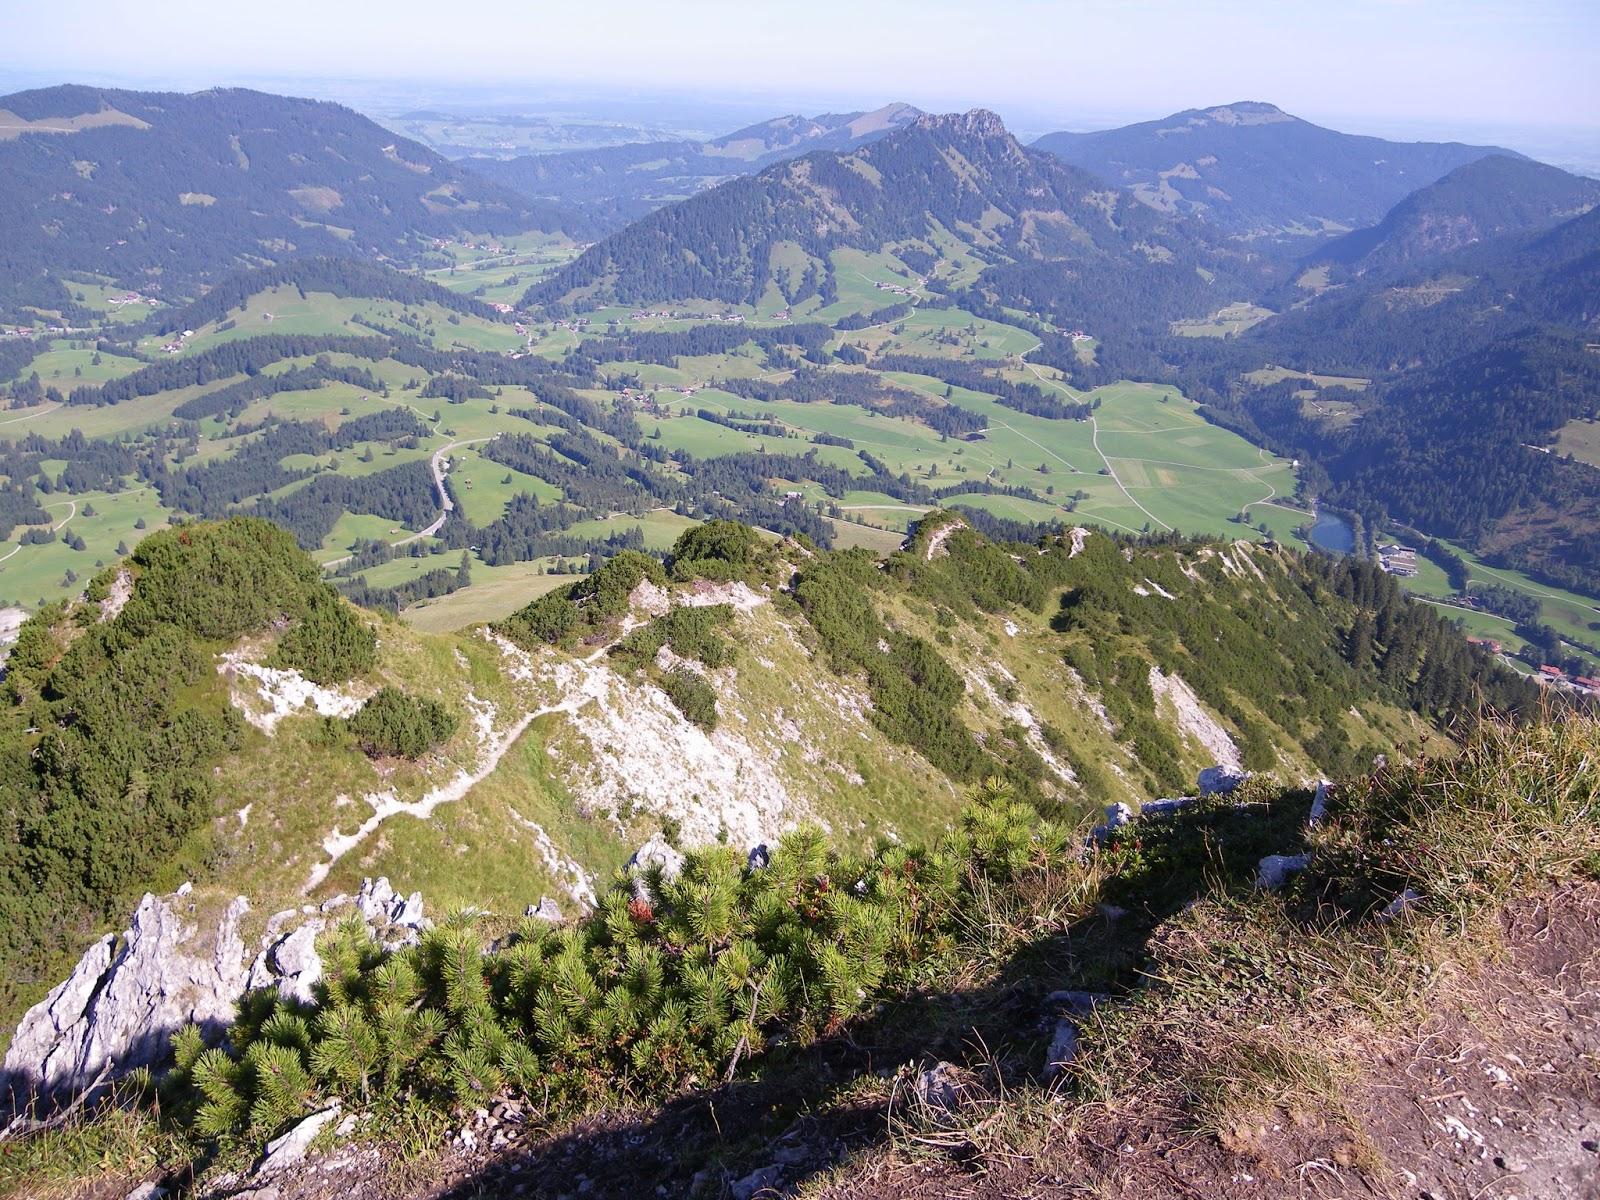 Klettersteig Iseler : Biken berge und steigen klettersteig oder gratwanderung auf